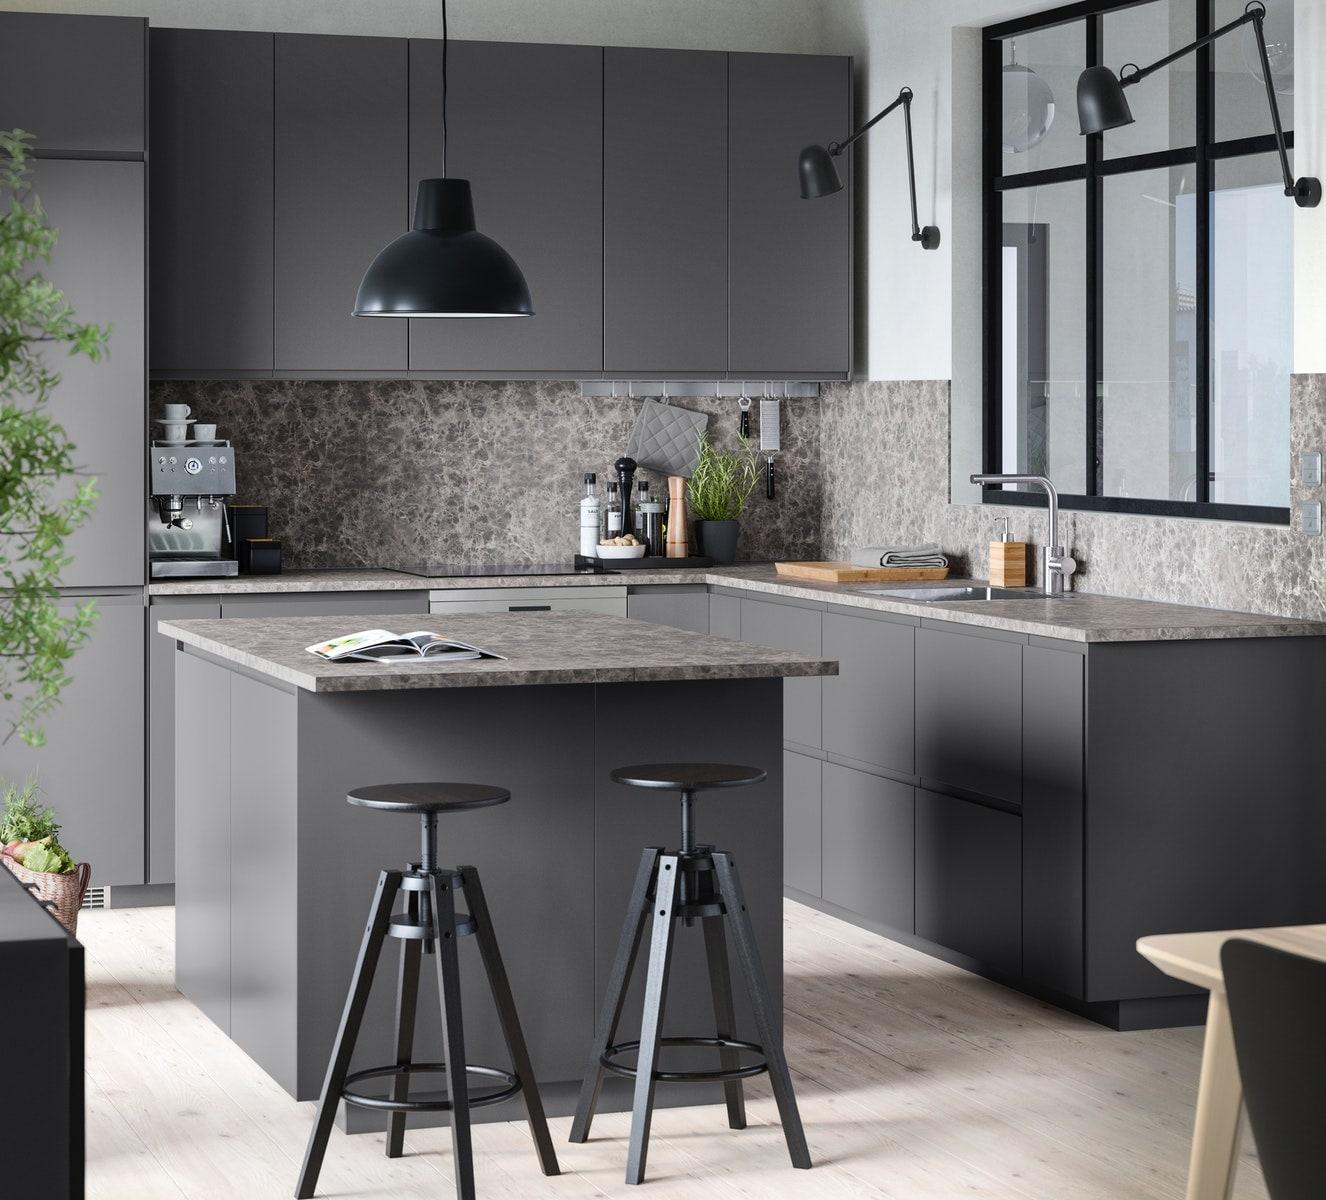 De 20 beste bildene for Kjøkken | kjøkken, barstol, moderne